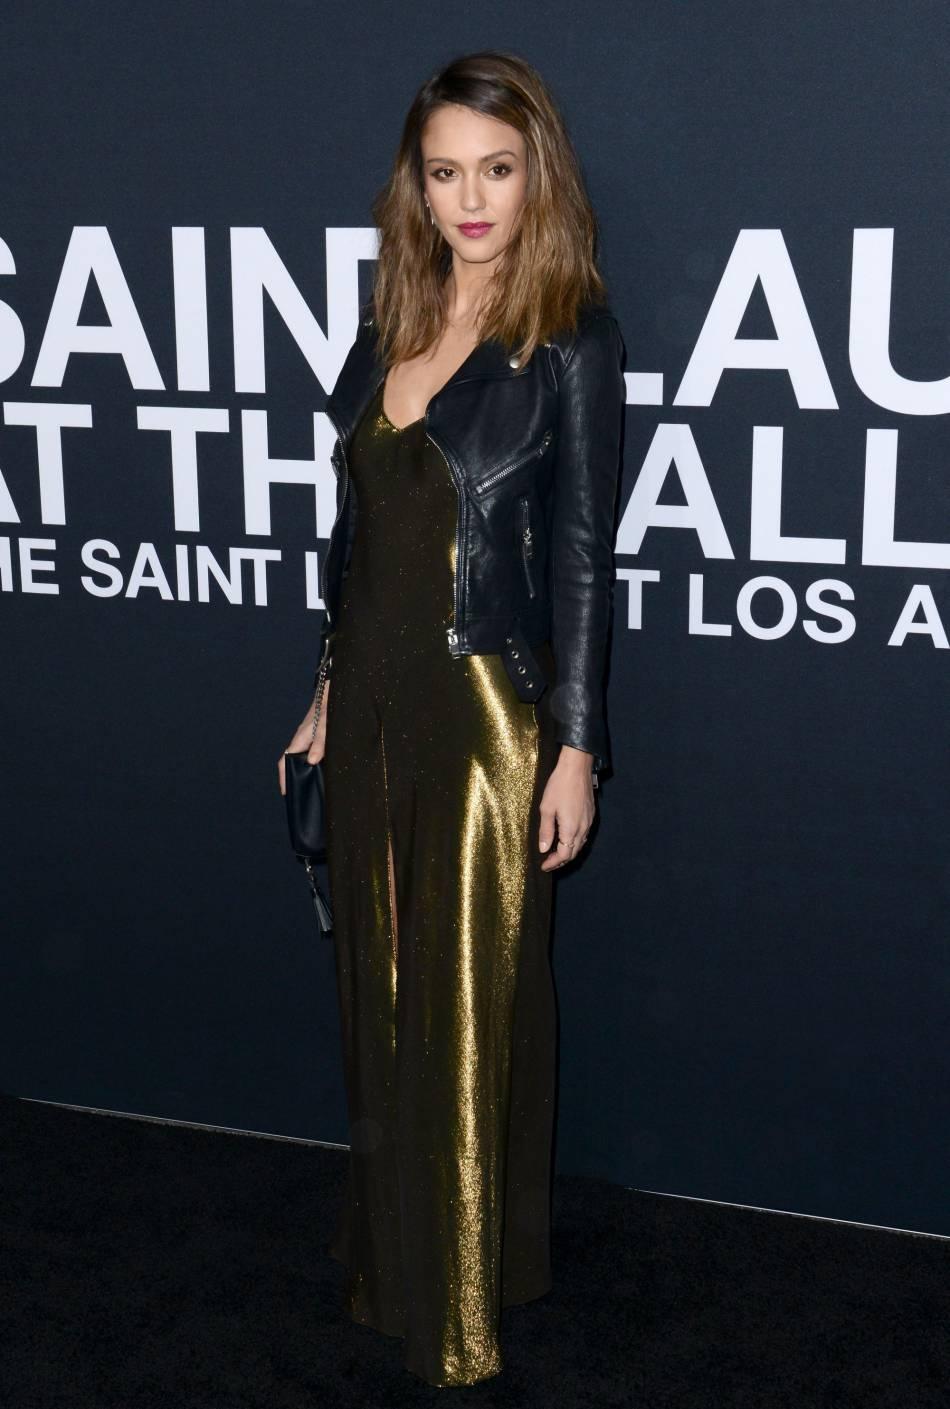 Jessica Alba au défilé Saint Laurent Paris Automne-Hiver 2016/2017, à Los Angeles.